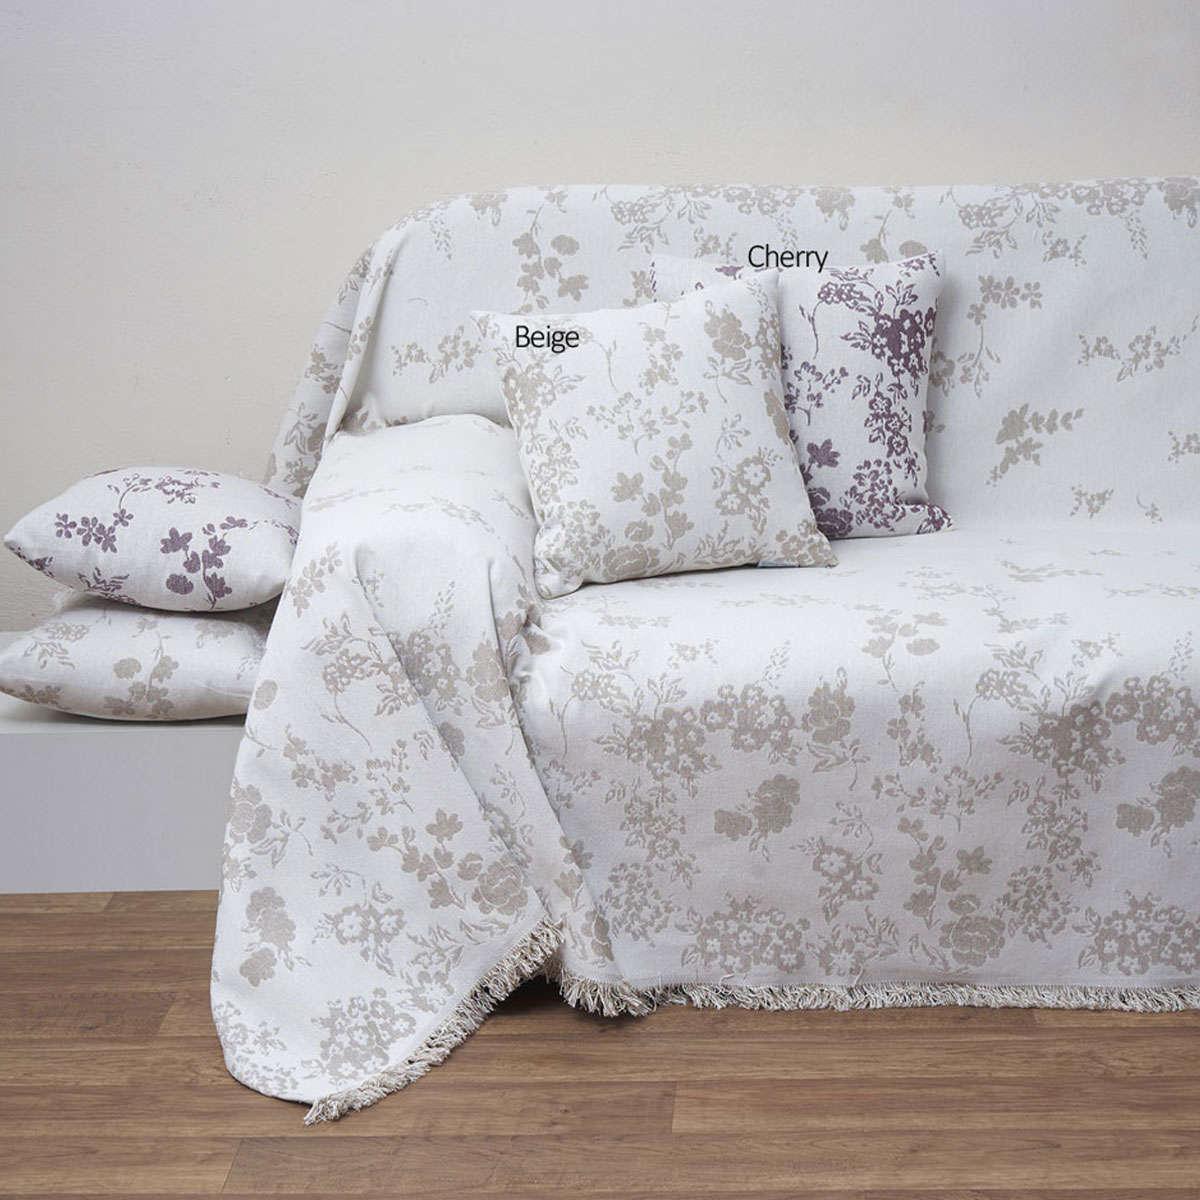 Μαξιλάρι Διακοσμητικό (Με Γέμιση) Des. 1530 Beige Anna Riska 50X50 100% Polyester